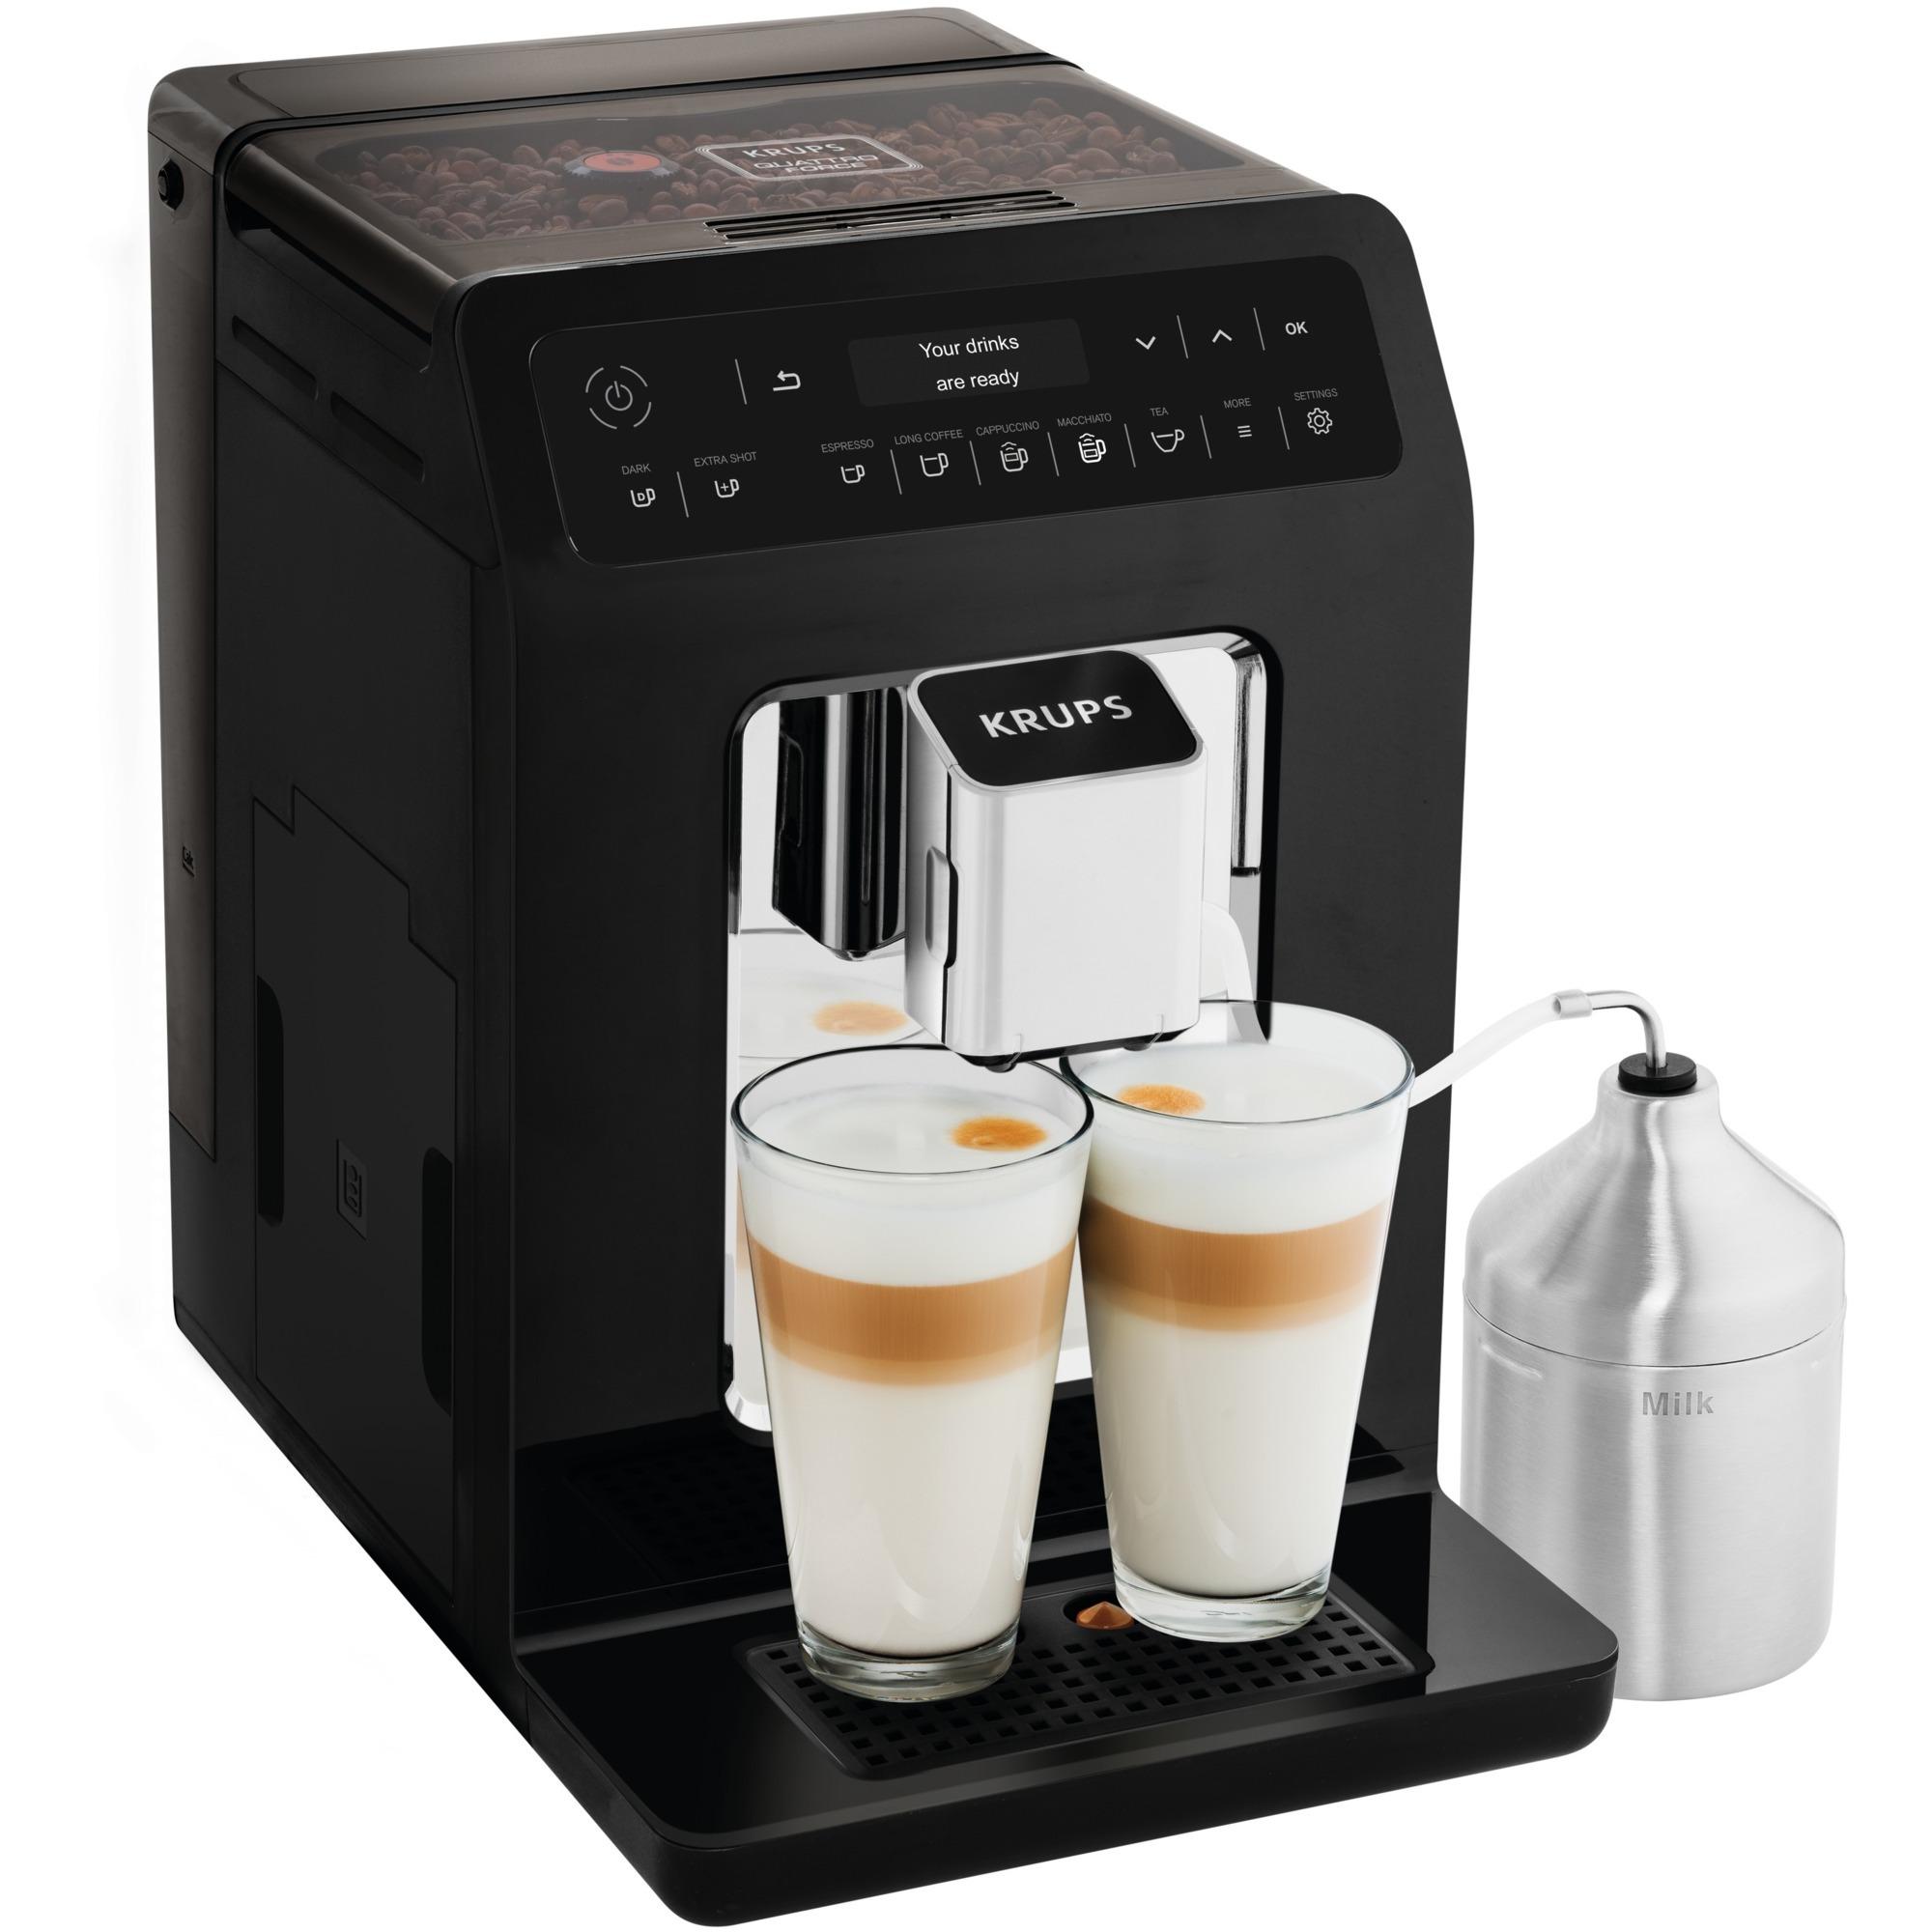 Evidence EA8918 Autonome Entièrement automatique Machine à expresso 2.3L 2tasses Noir machine à café, Machine à café/Espresso